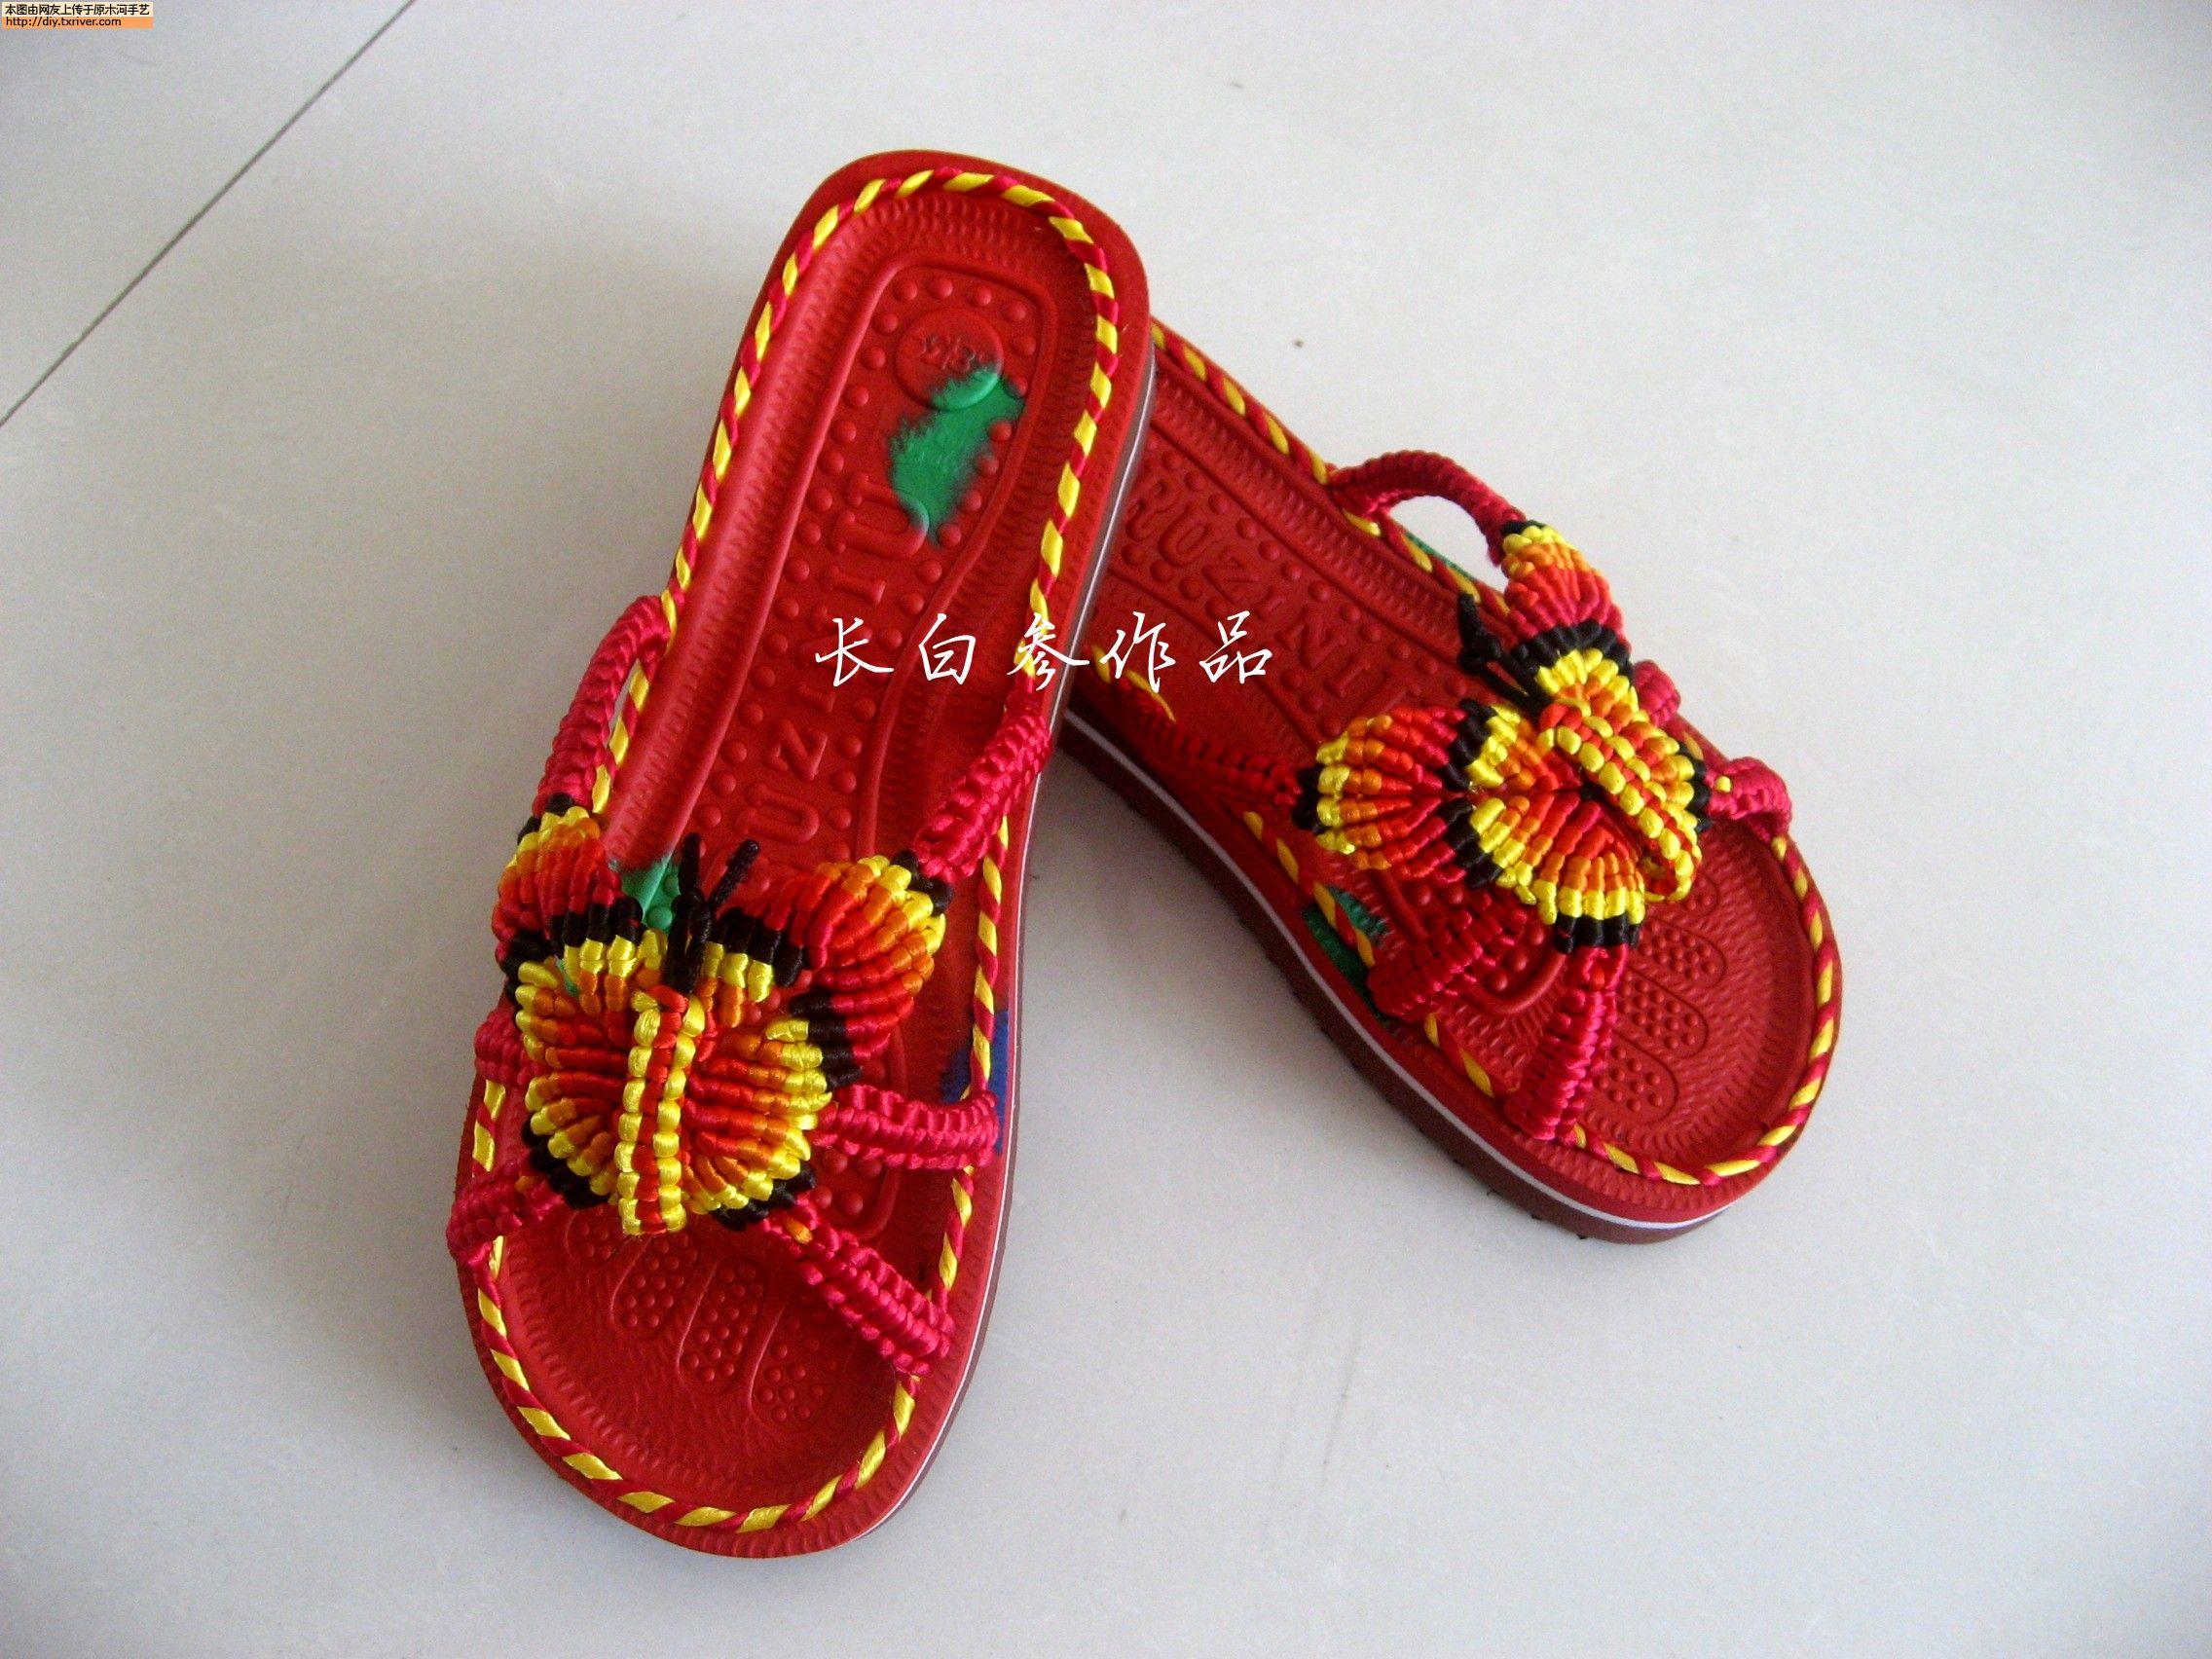 鞋子视频,钩针钩宝宝鞋子教学,用钩针钩鞋子的图案 ...